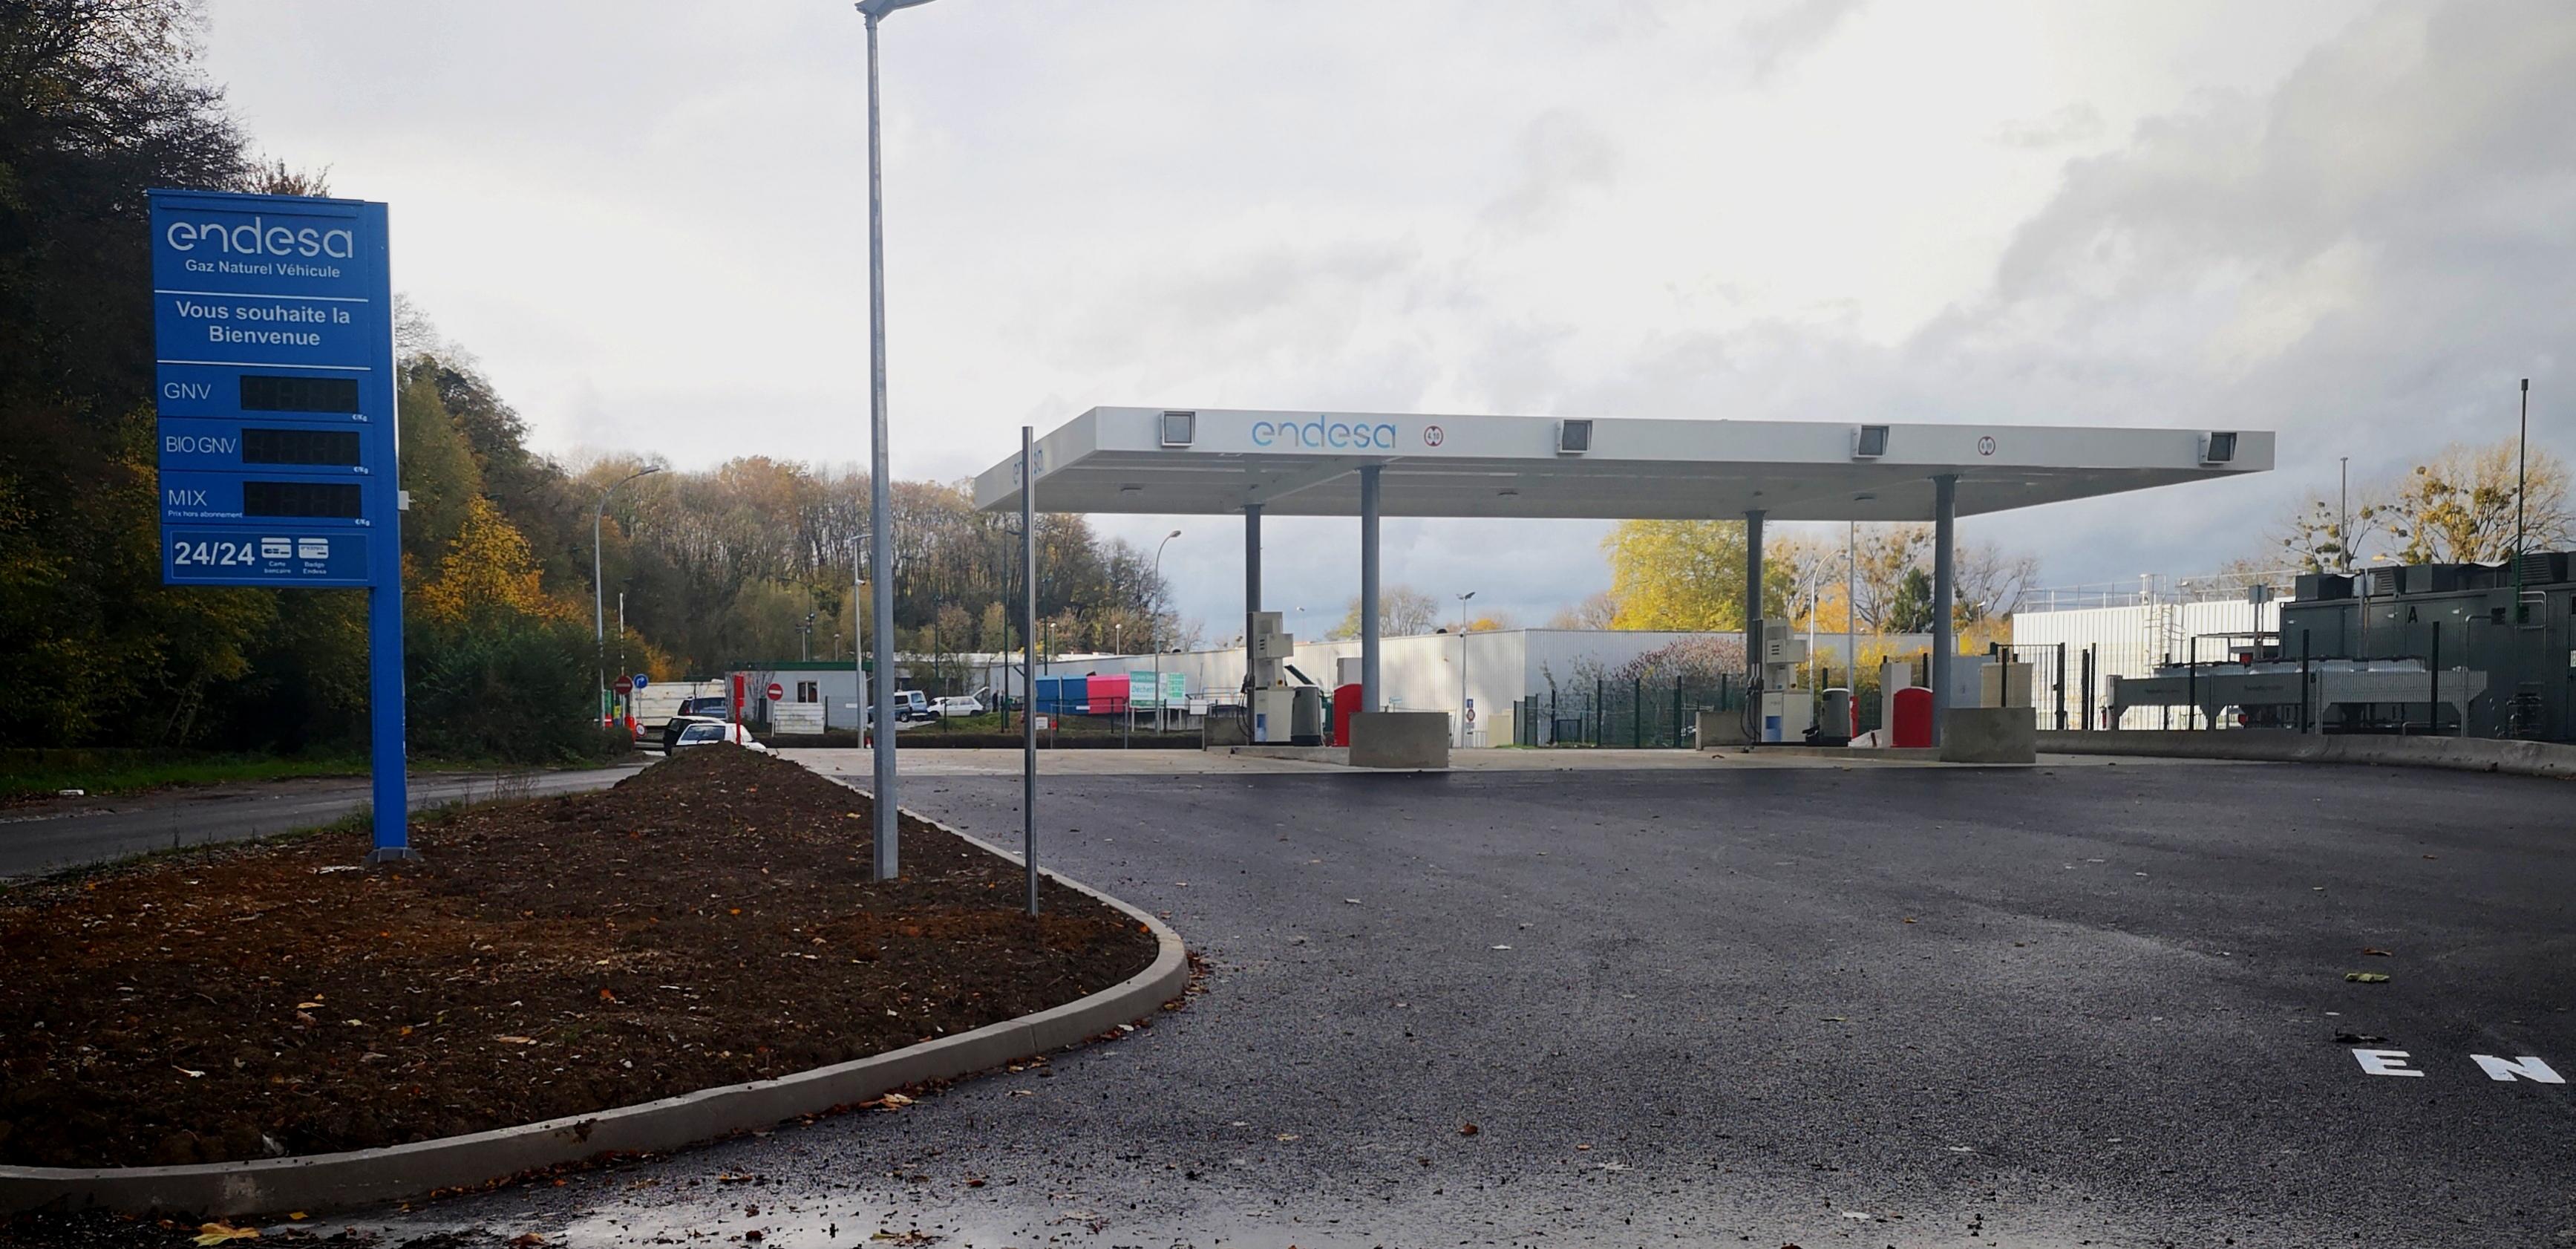 Moventis promueve la primera estación de repostaje de gas en Pays de Montbéliard